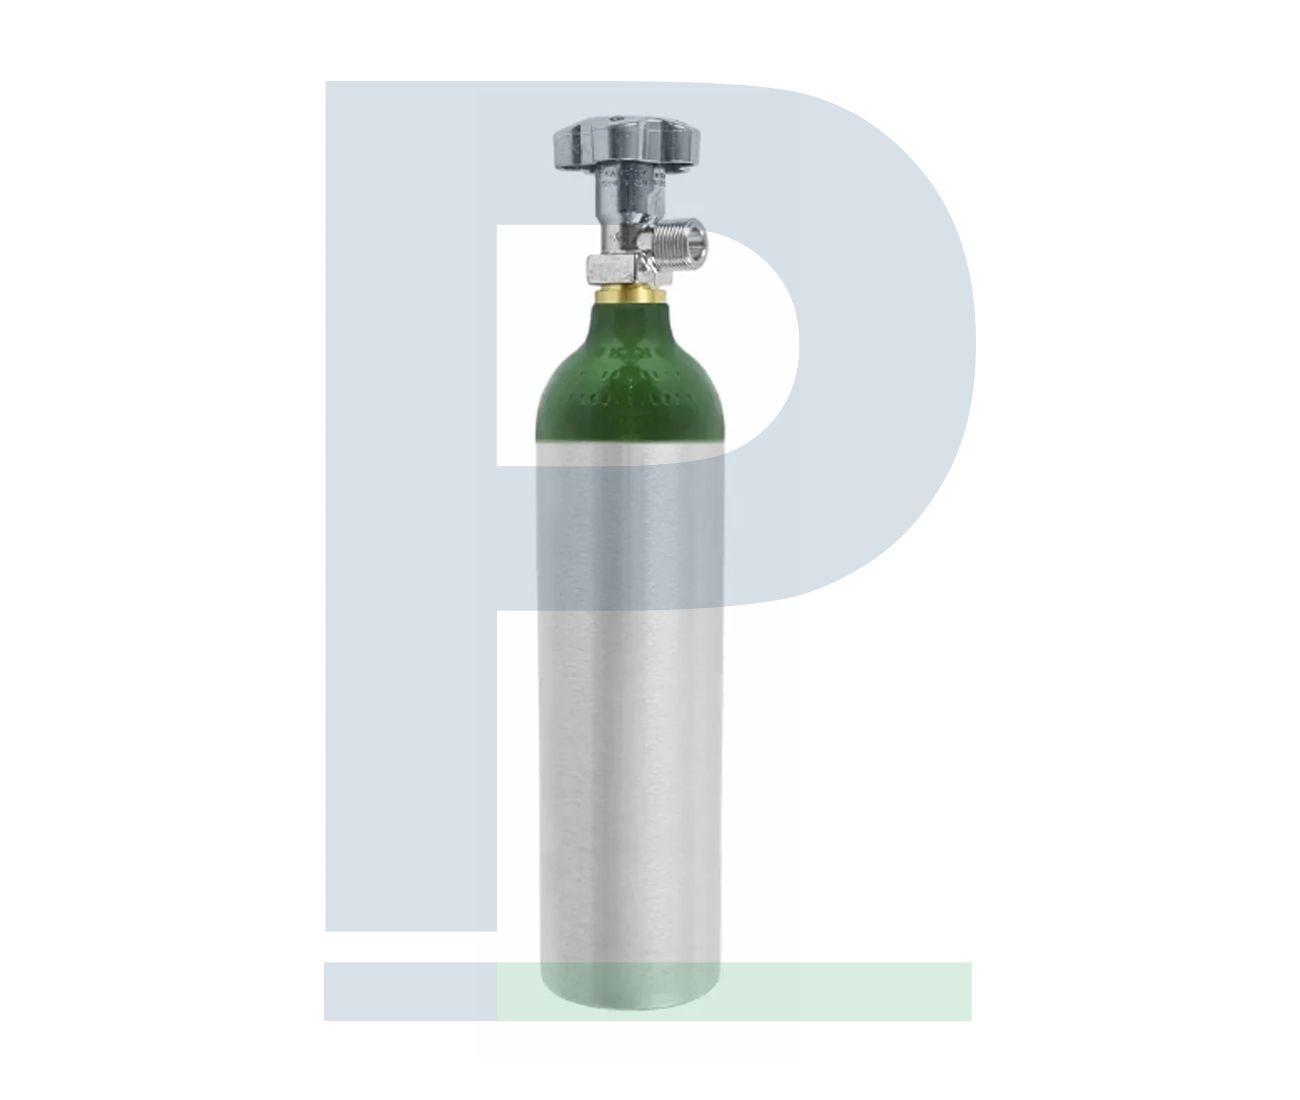 Cilindro de Alumínio 3L com Carga de Oxigênio